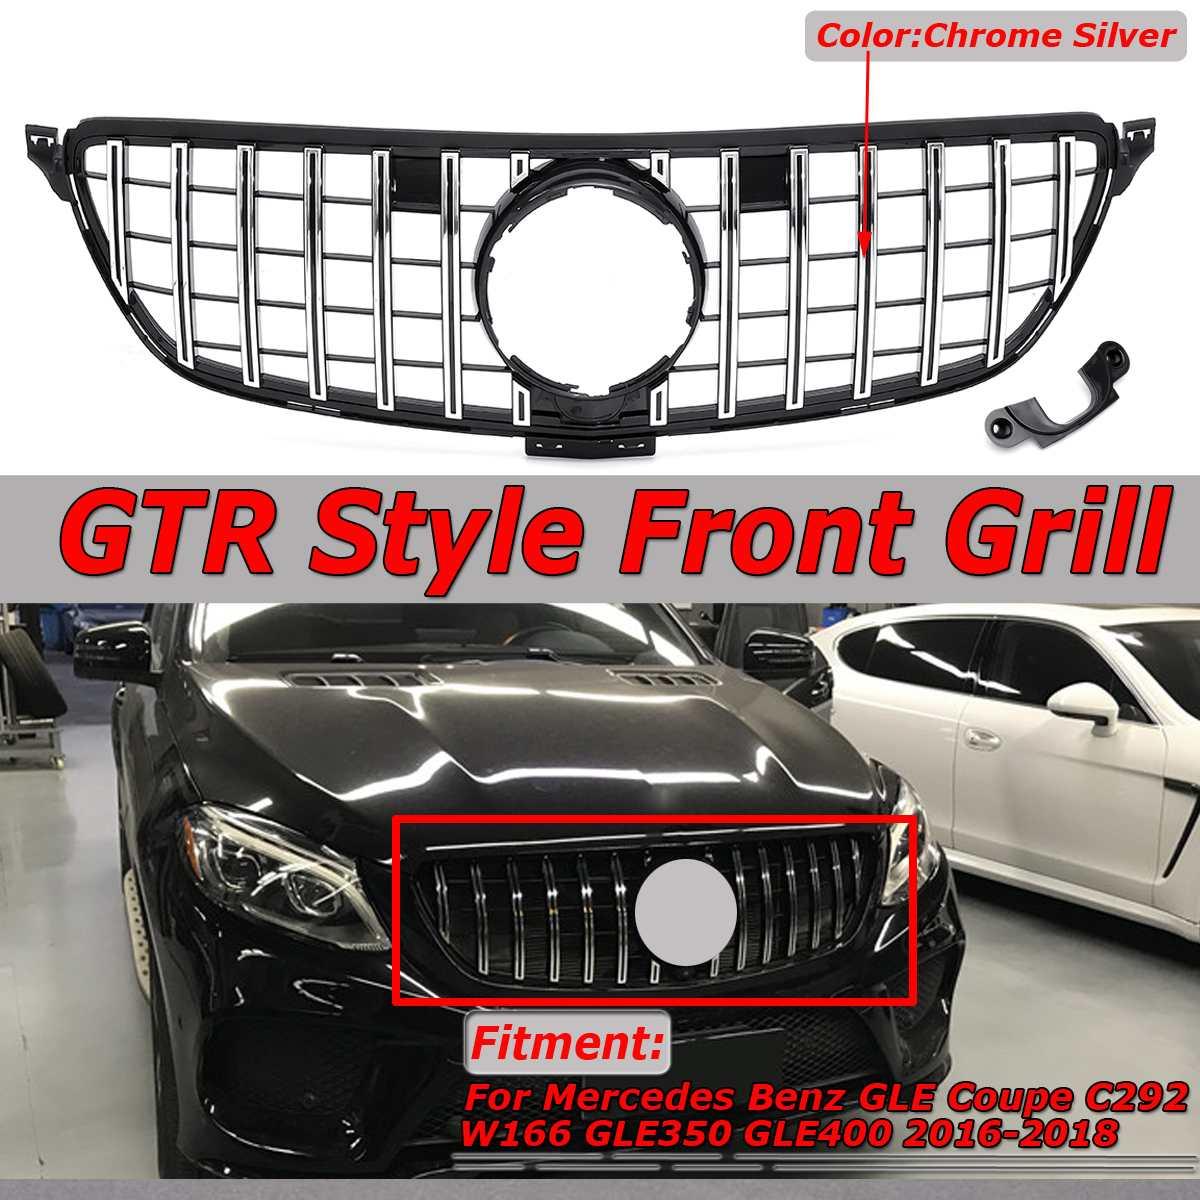 GTR GT R Estilo W292 C292 Frente Car Bumper Grill Grille Para Benz Coupe GLE W292 C292 GLE320 GLE350 GLE400 GLE450 2016-2018